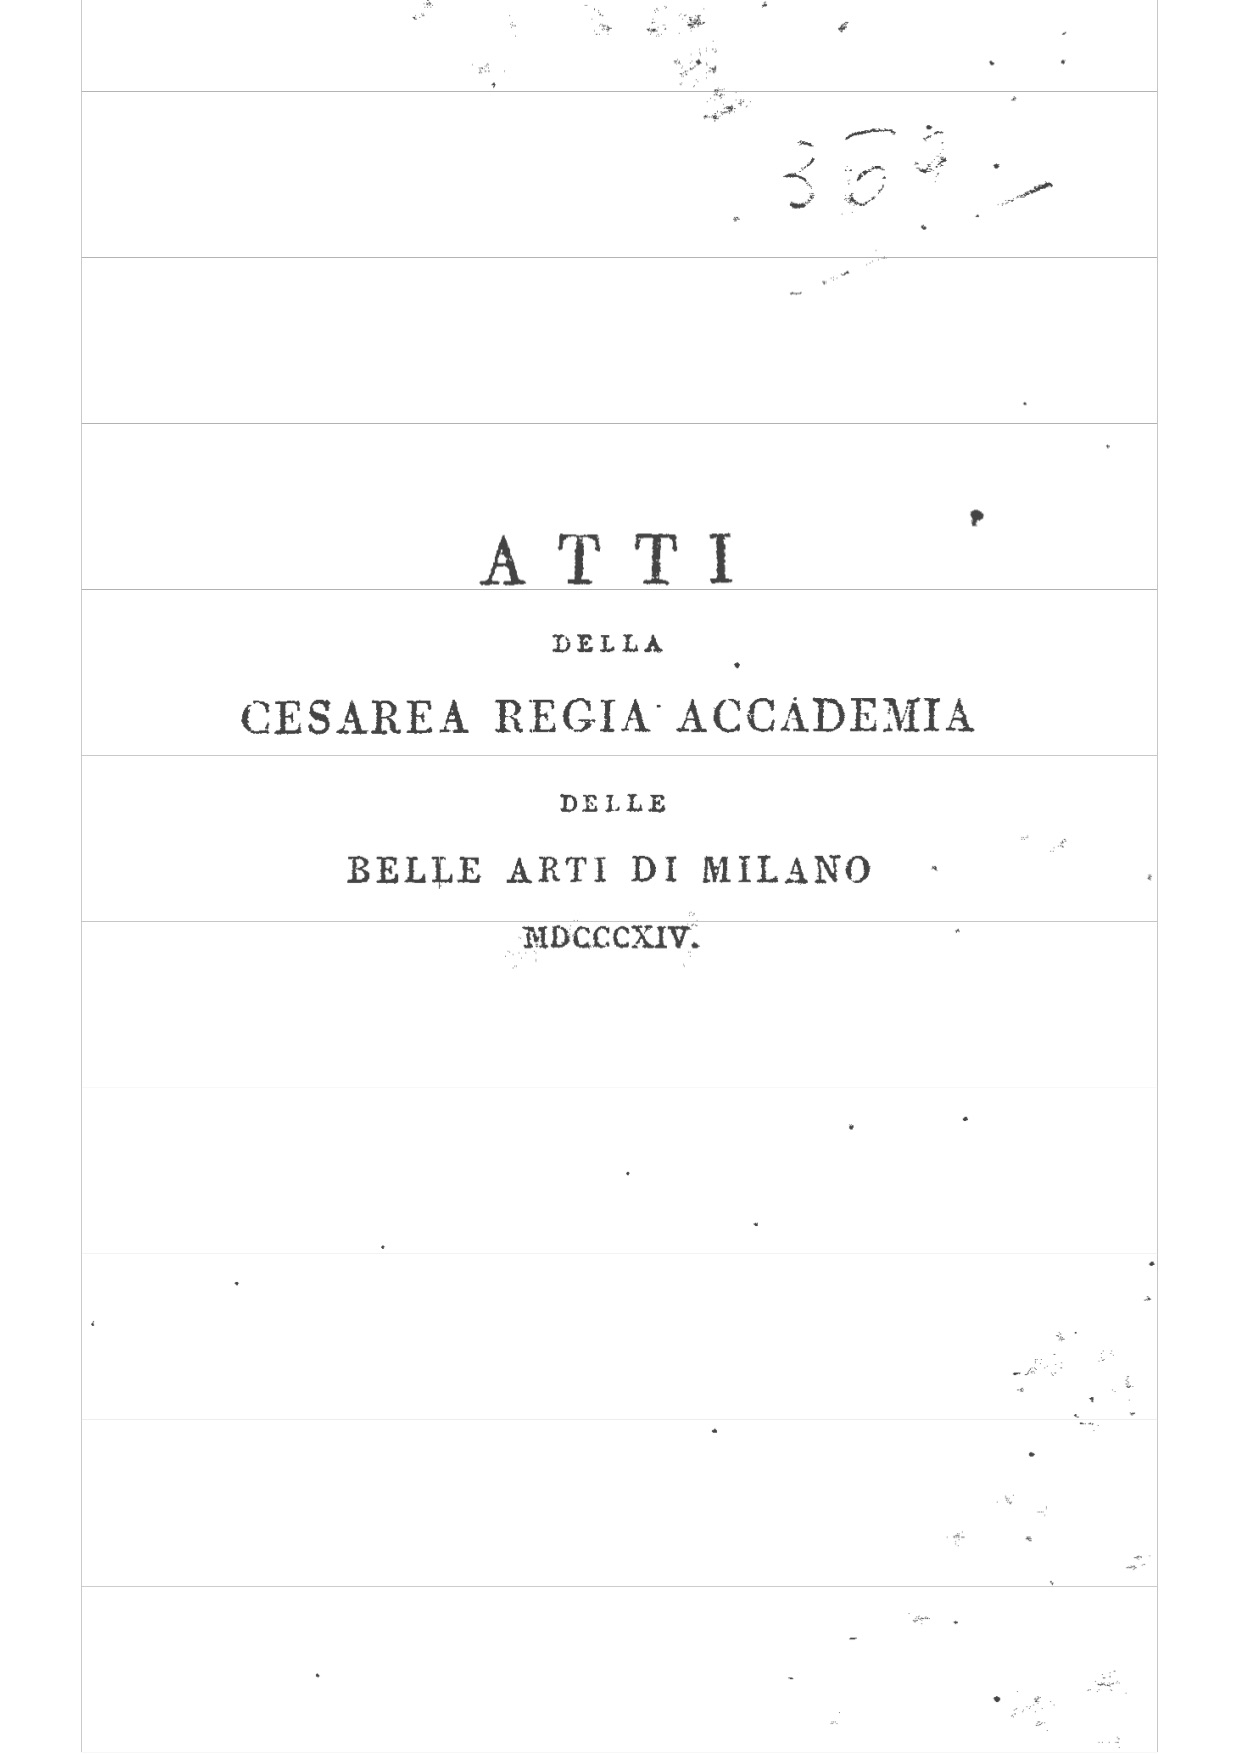 1814_Atti_Brera_FR